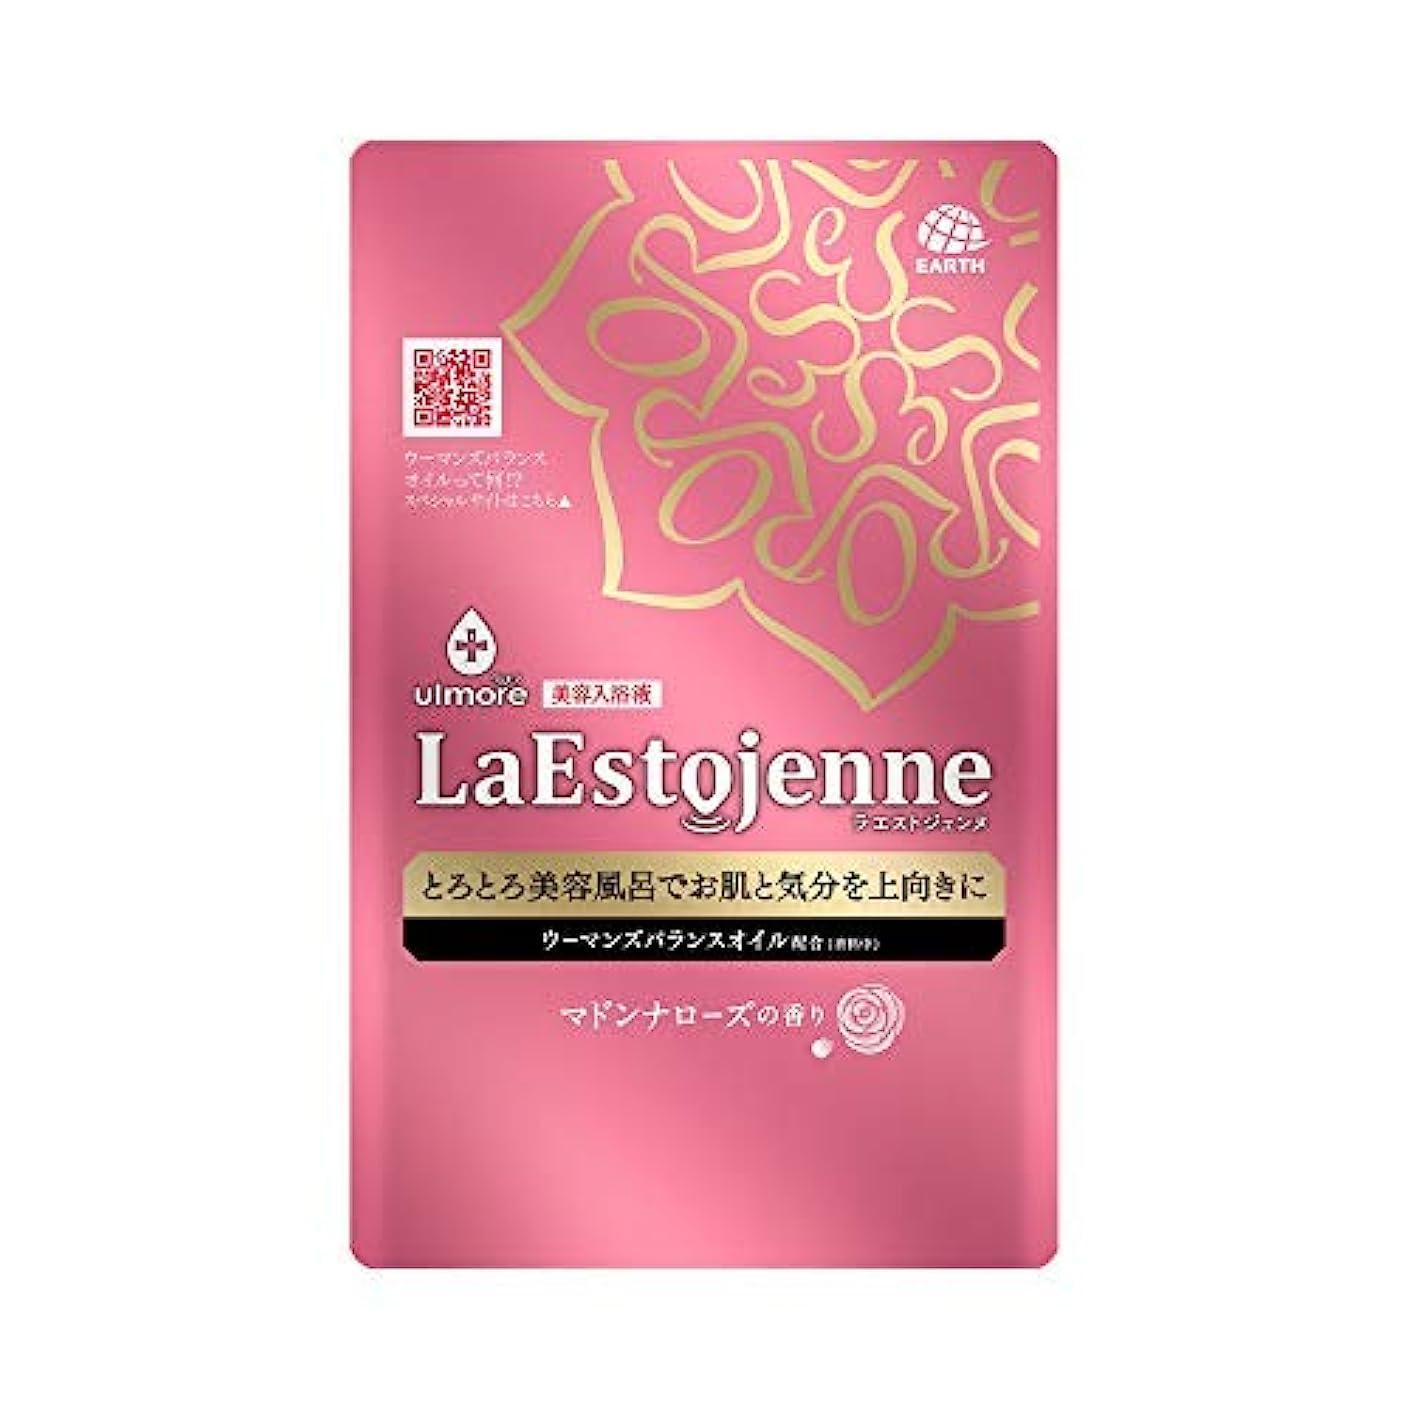 賞寓話深めるウルモア ラエストジェンヌ マドンナローズの香り 1包 × 24個セット